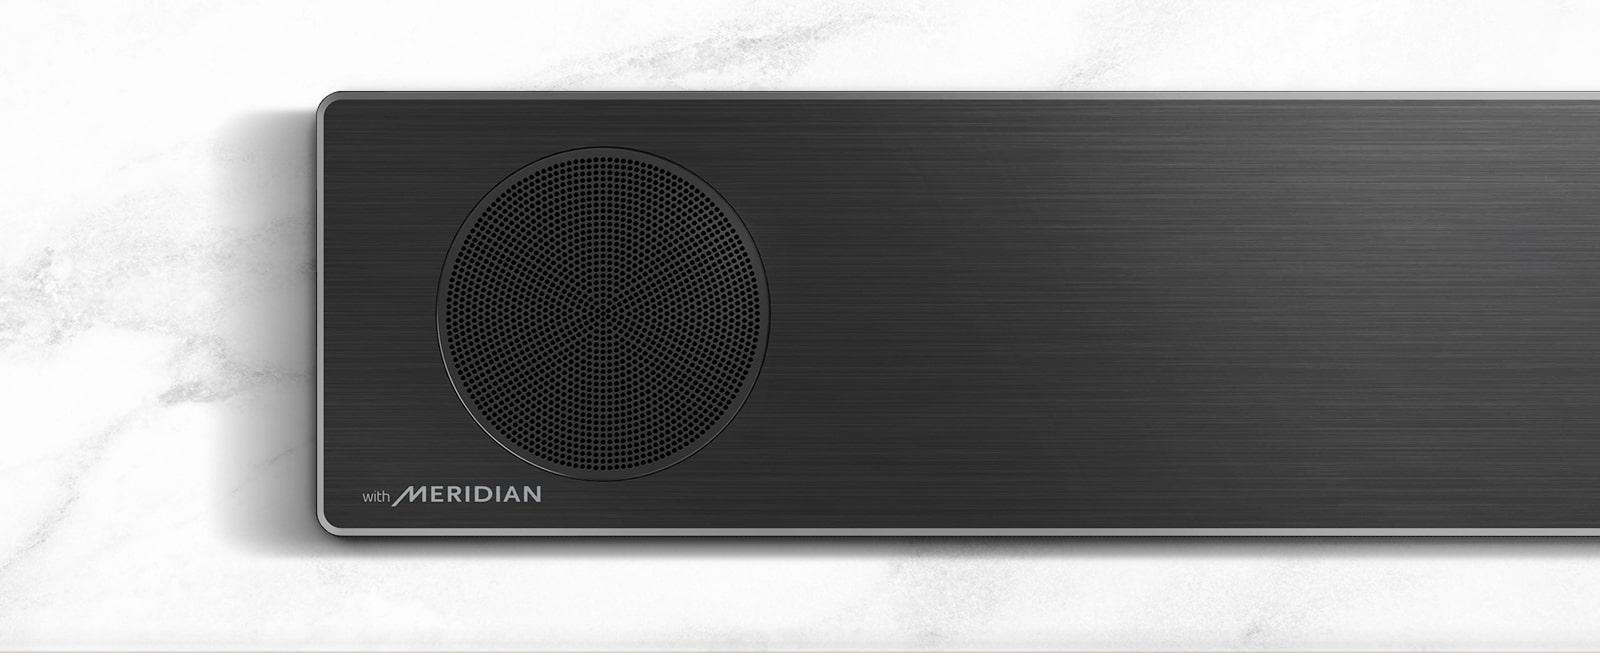 Pogled od blizu na levo stran LG Soundbar z logotipom Meridian v spodnjem levem kotu.